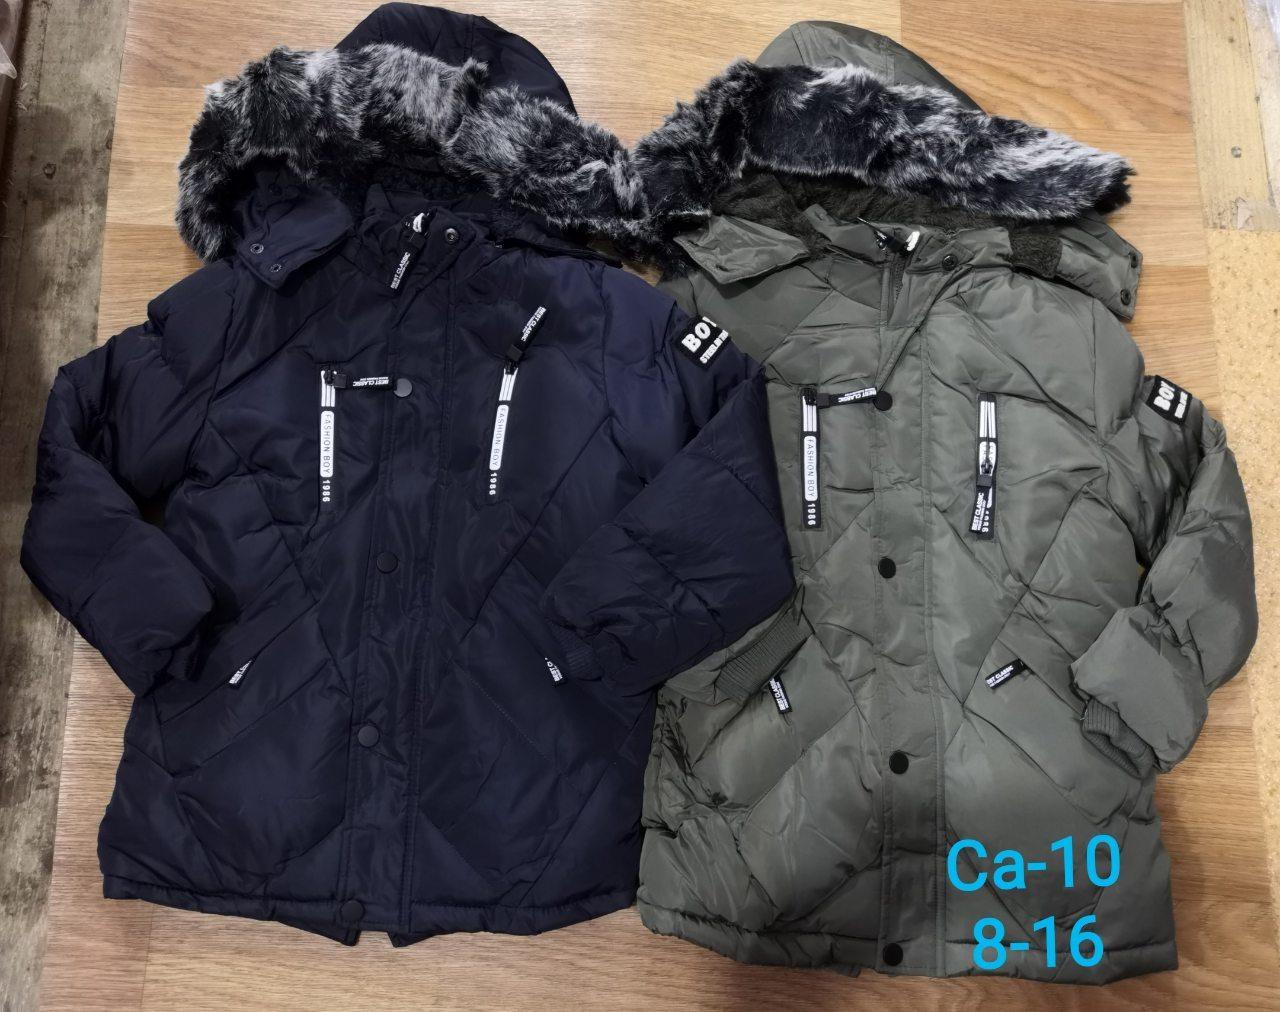 Зимняя куртка-пальто для мальчиков оптом, 8-16 лет, Sincere, арт. Ca-10